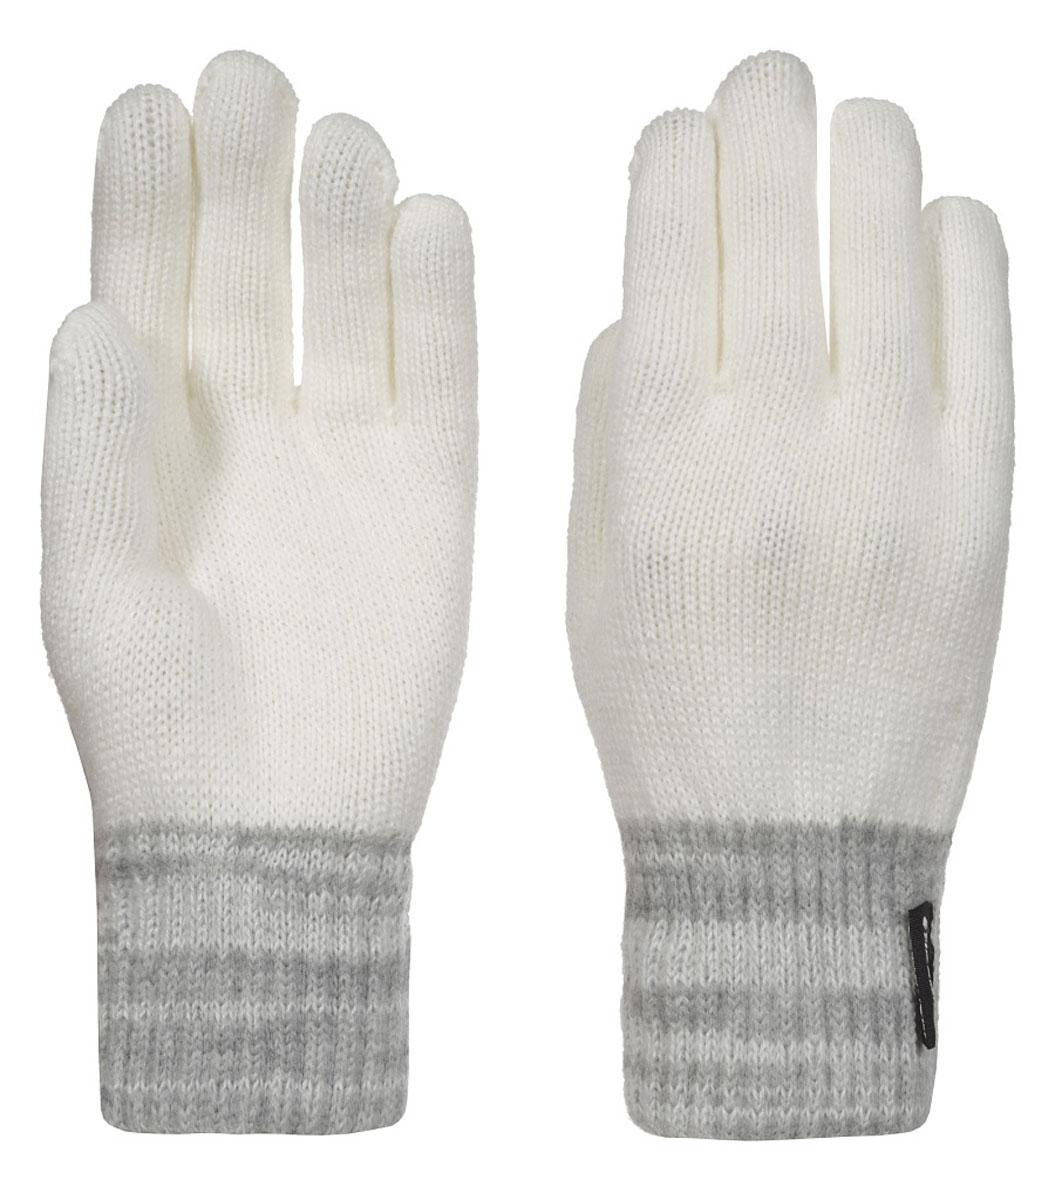 Перчатки детские Icepeak Maaru, цвет: молочный, светло-серый. 652861618IV. Размер универсальный652861618IVДетские перчатки Icepeak Maaru выполнены из высококачественного акрила. Они мягкие и приятные на ощупь, максимально сохраняют тепло и идеально сидят на руке.На запястье модель присборена на тонкие резинки.